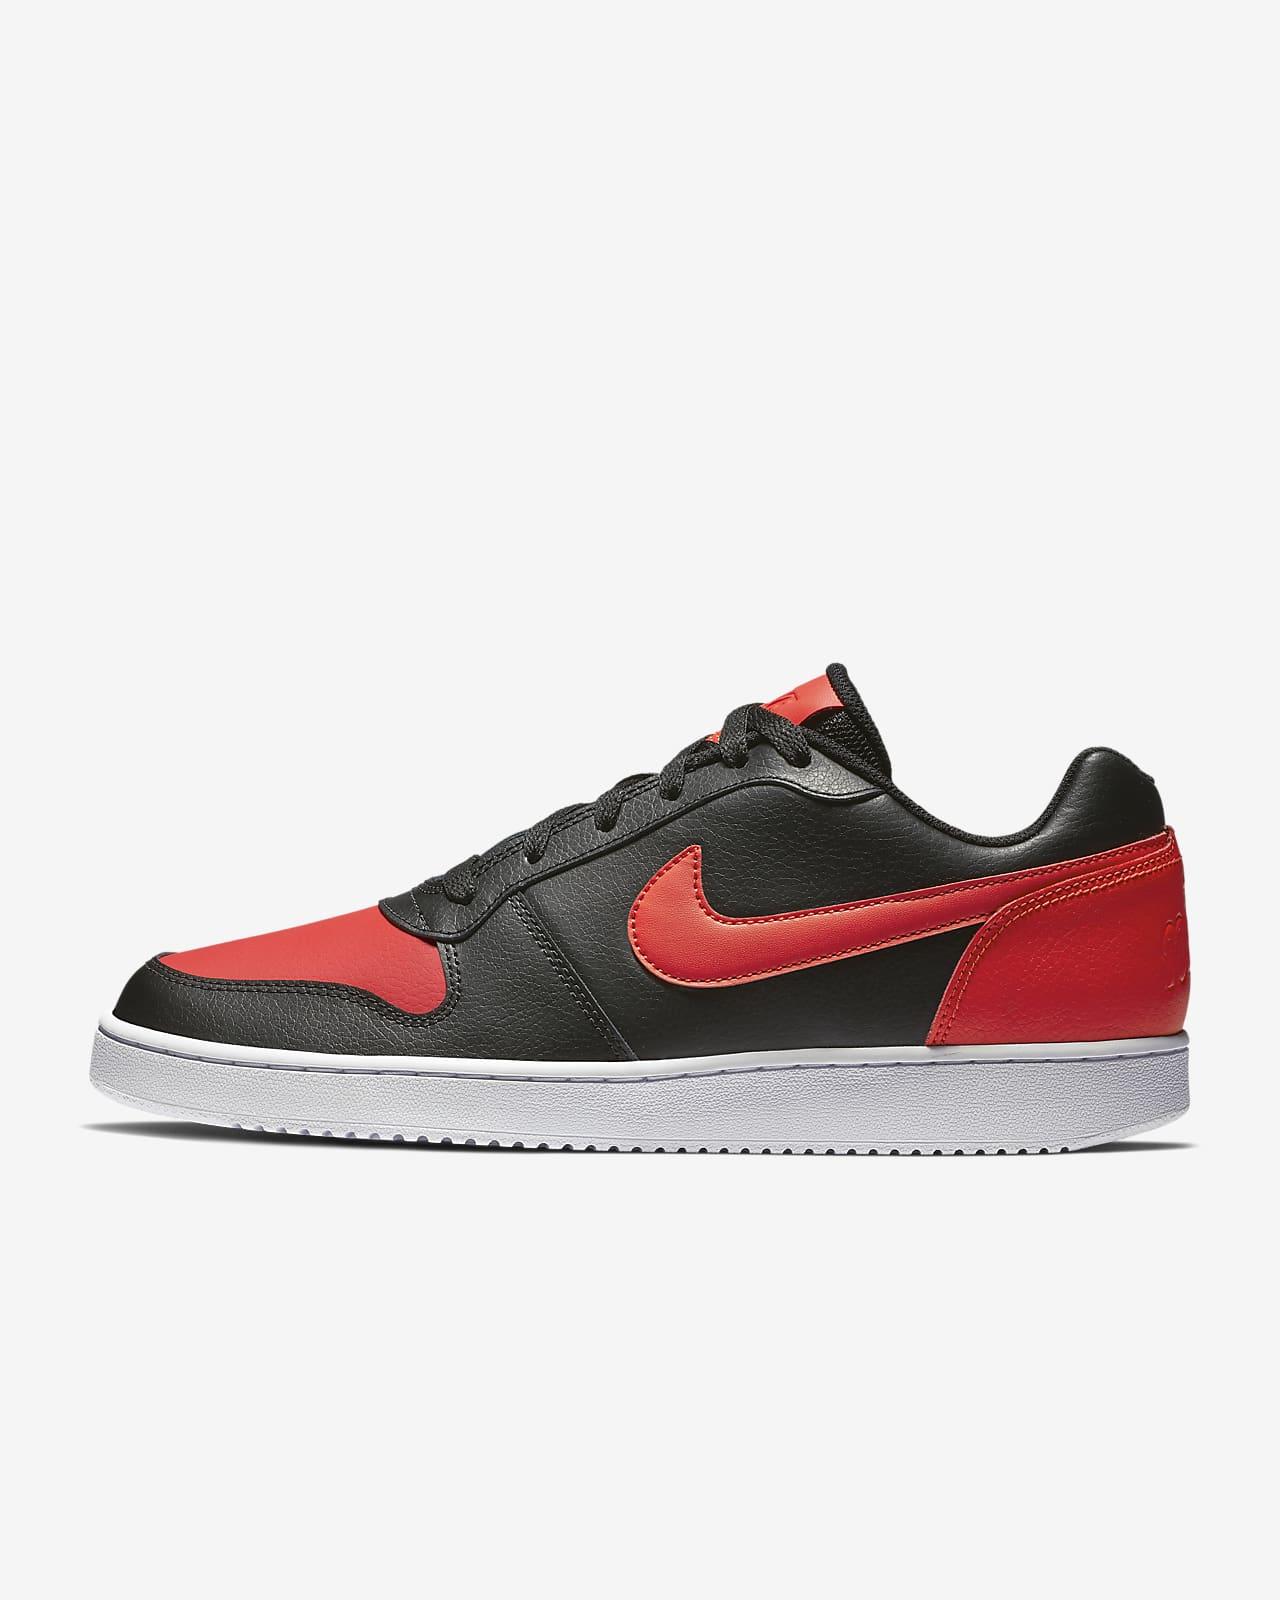 Nike Ebernon Low 男子运动鞋